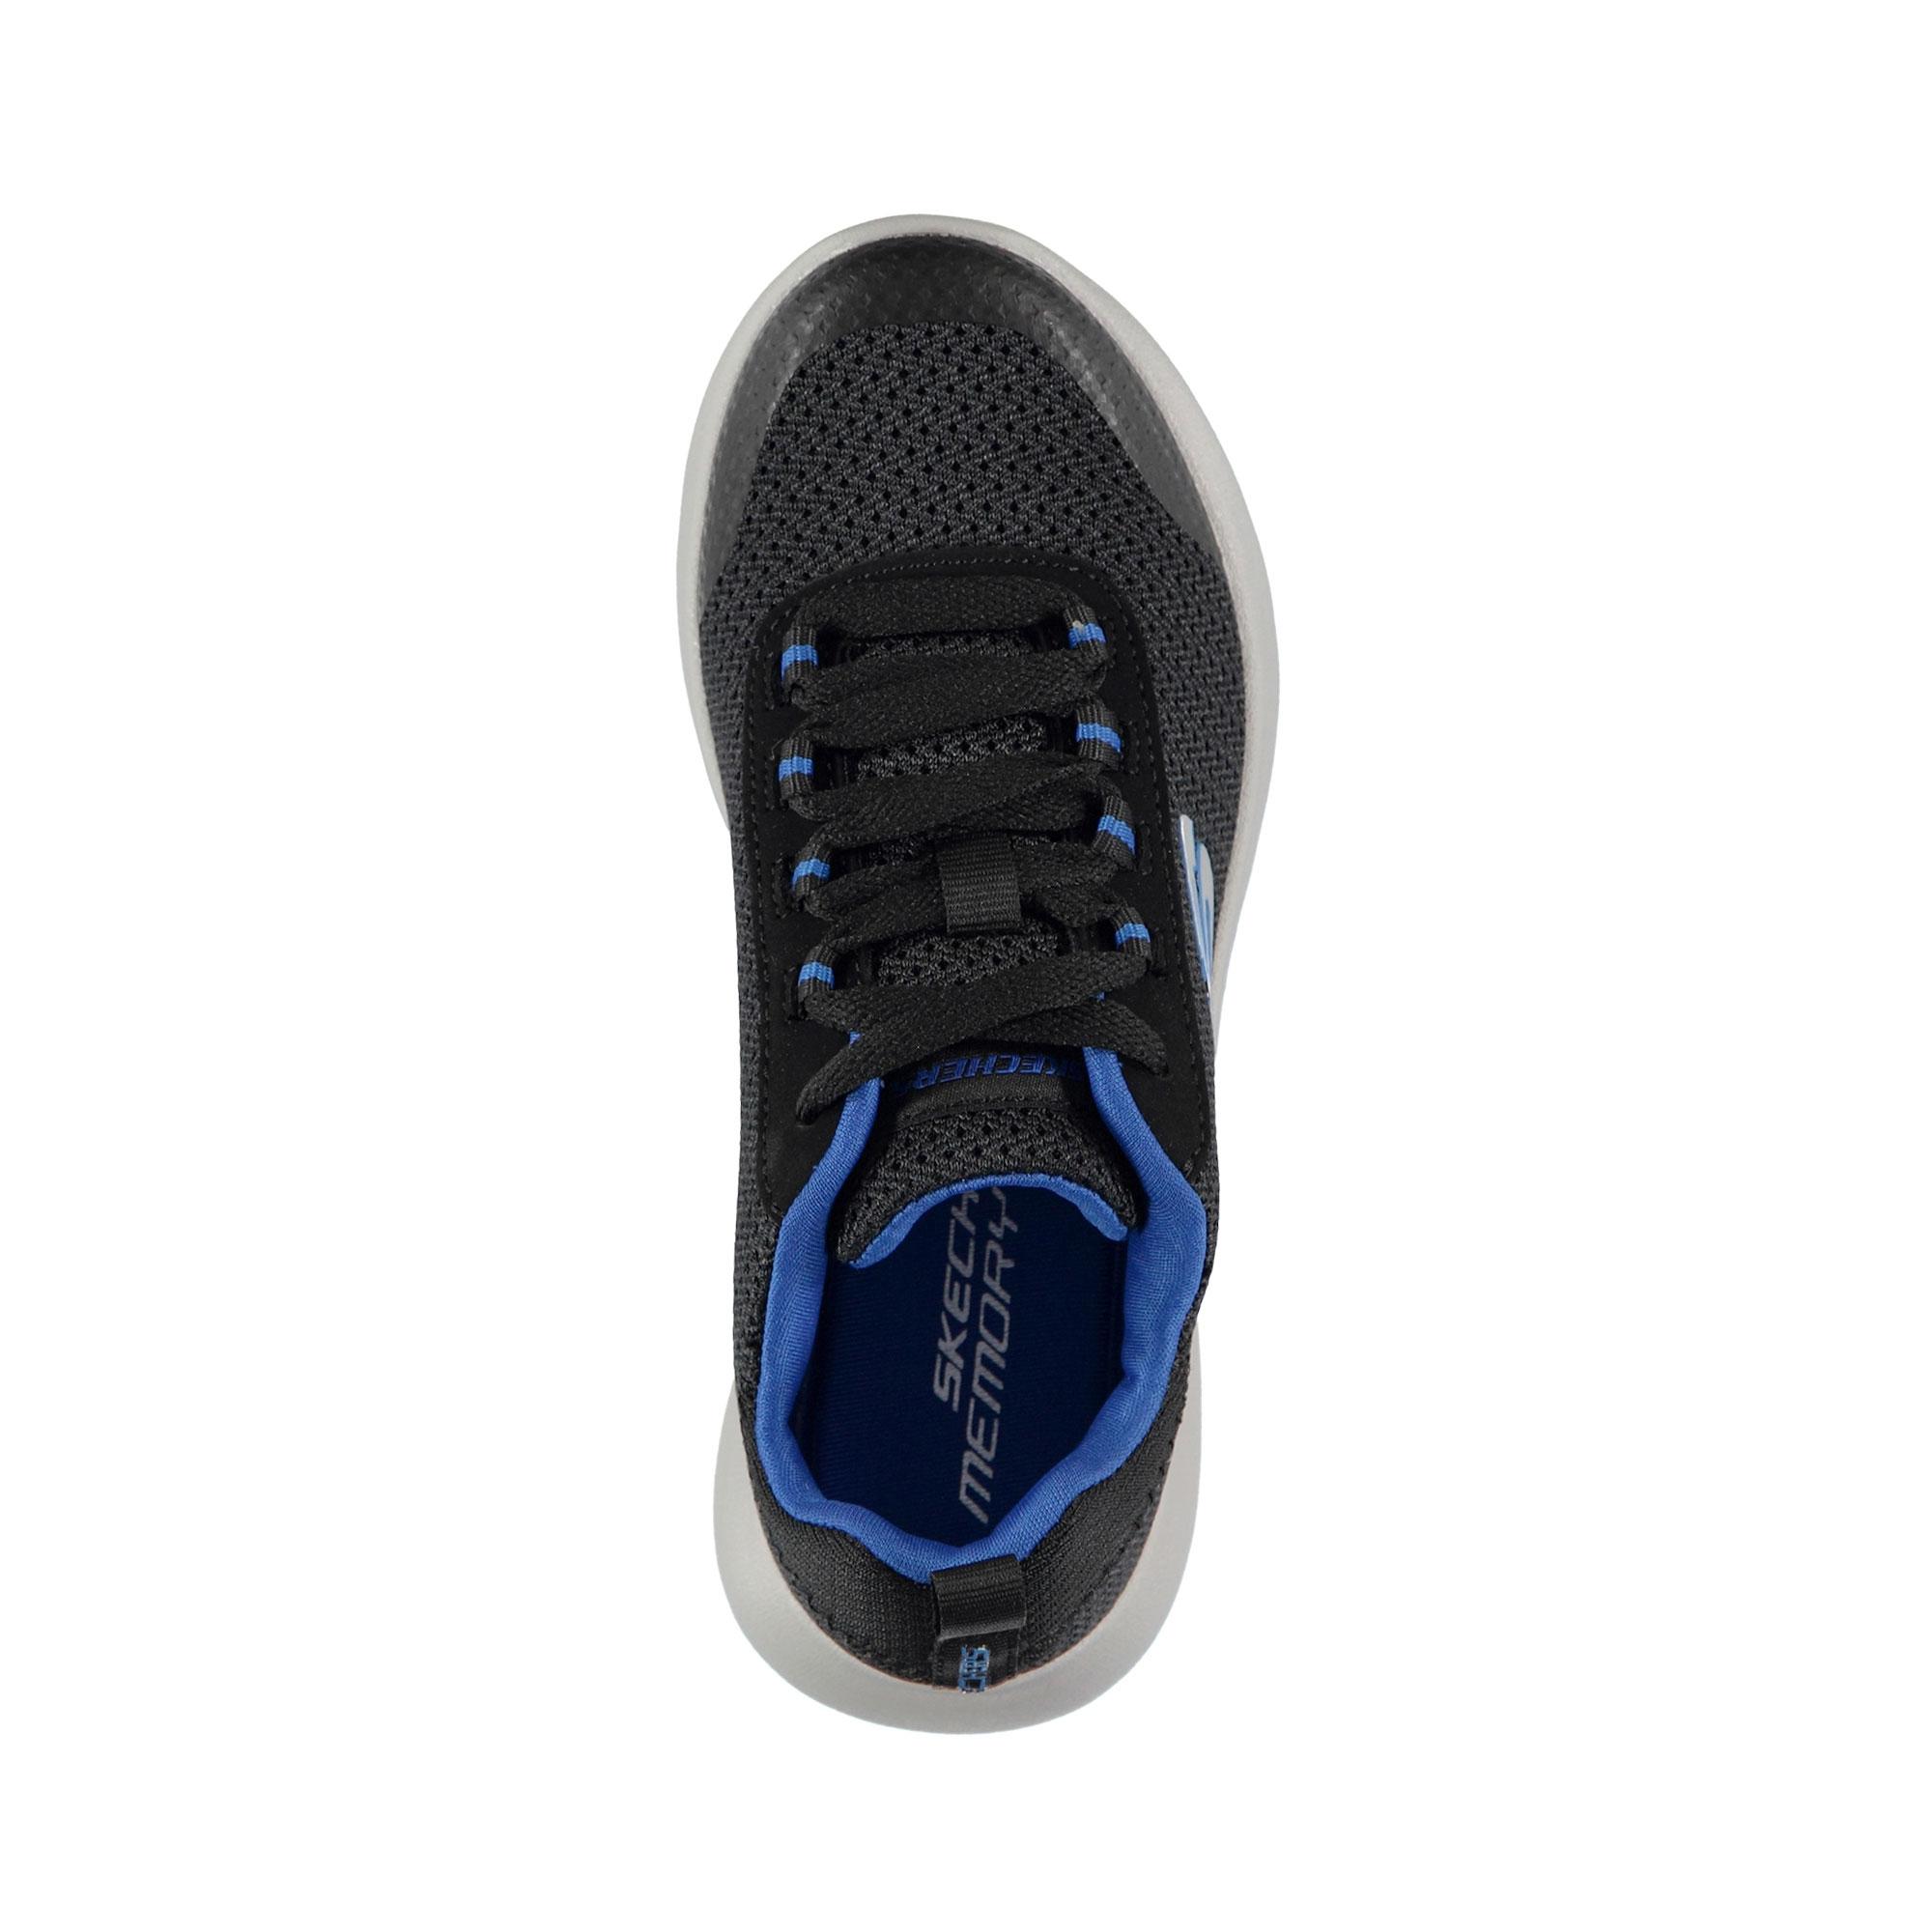 Skechers Dynamight- Turbo Dash Erkek Çocuk Siyah-Mavi Spor Ayakkabı